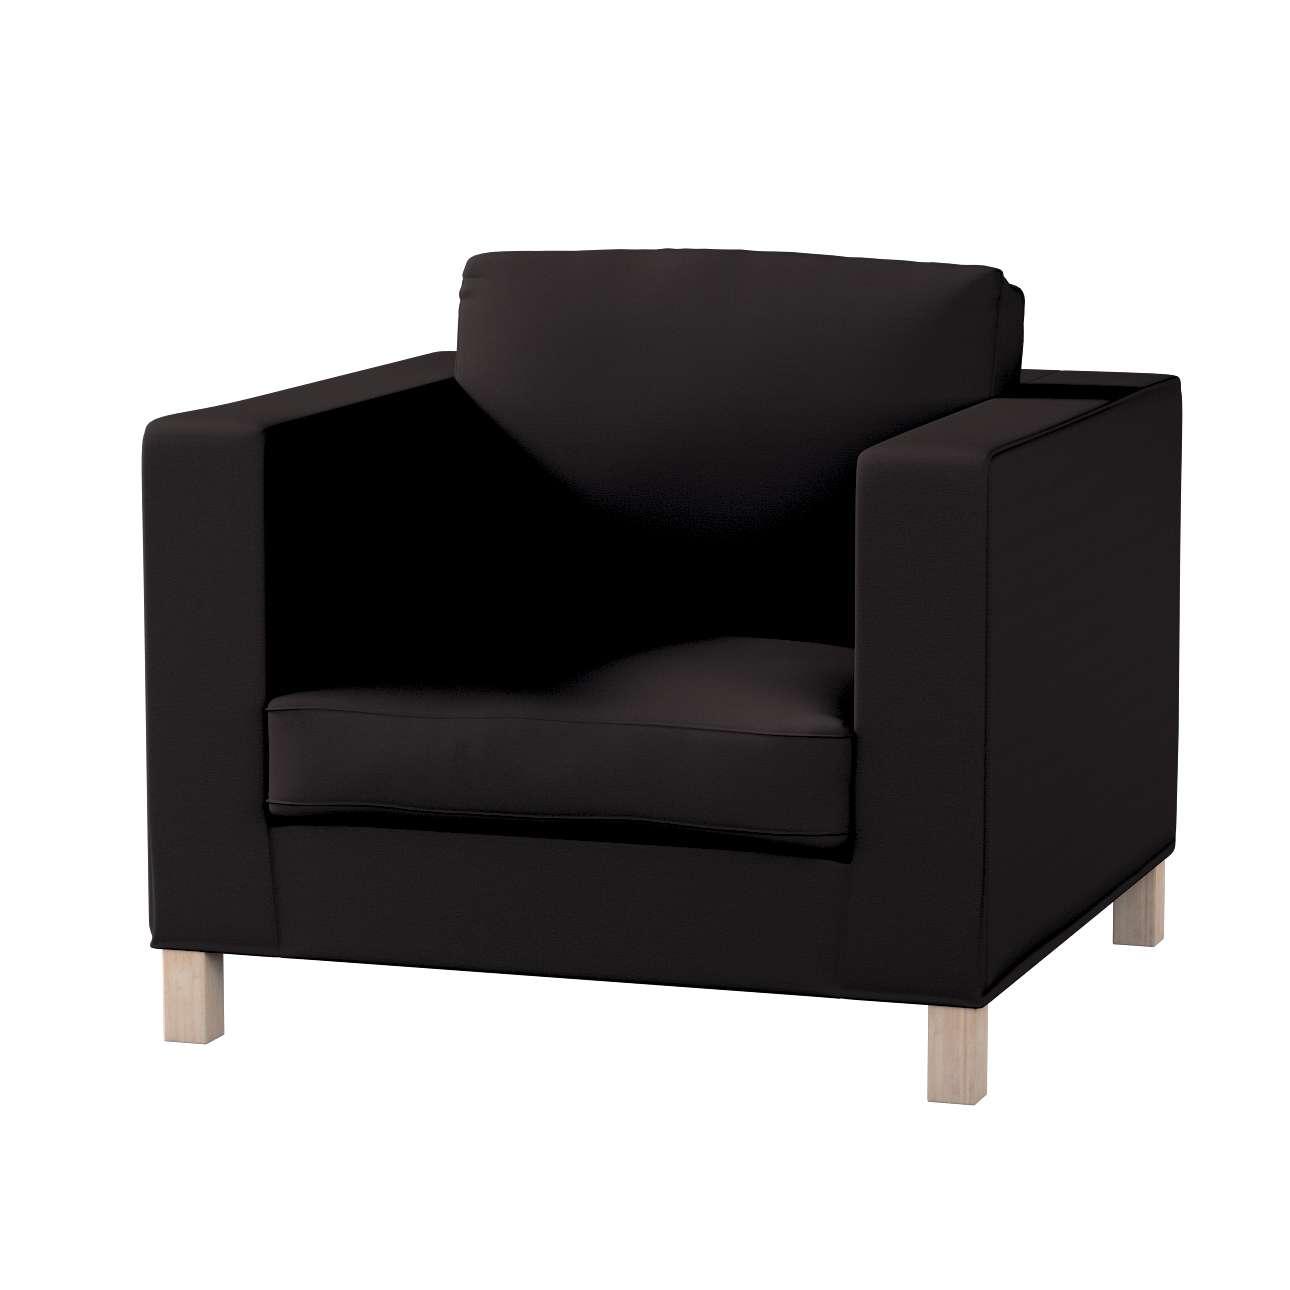 Pokrowiec na fotel Karlanda, krótki w kolekcji Cotton Panama, tkanina: 702-09